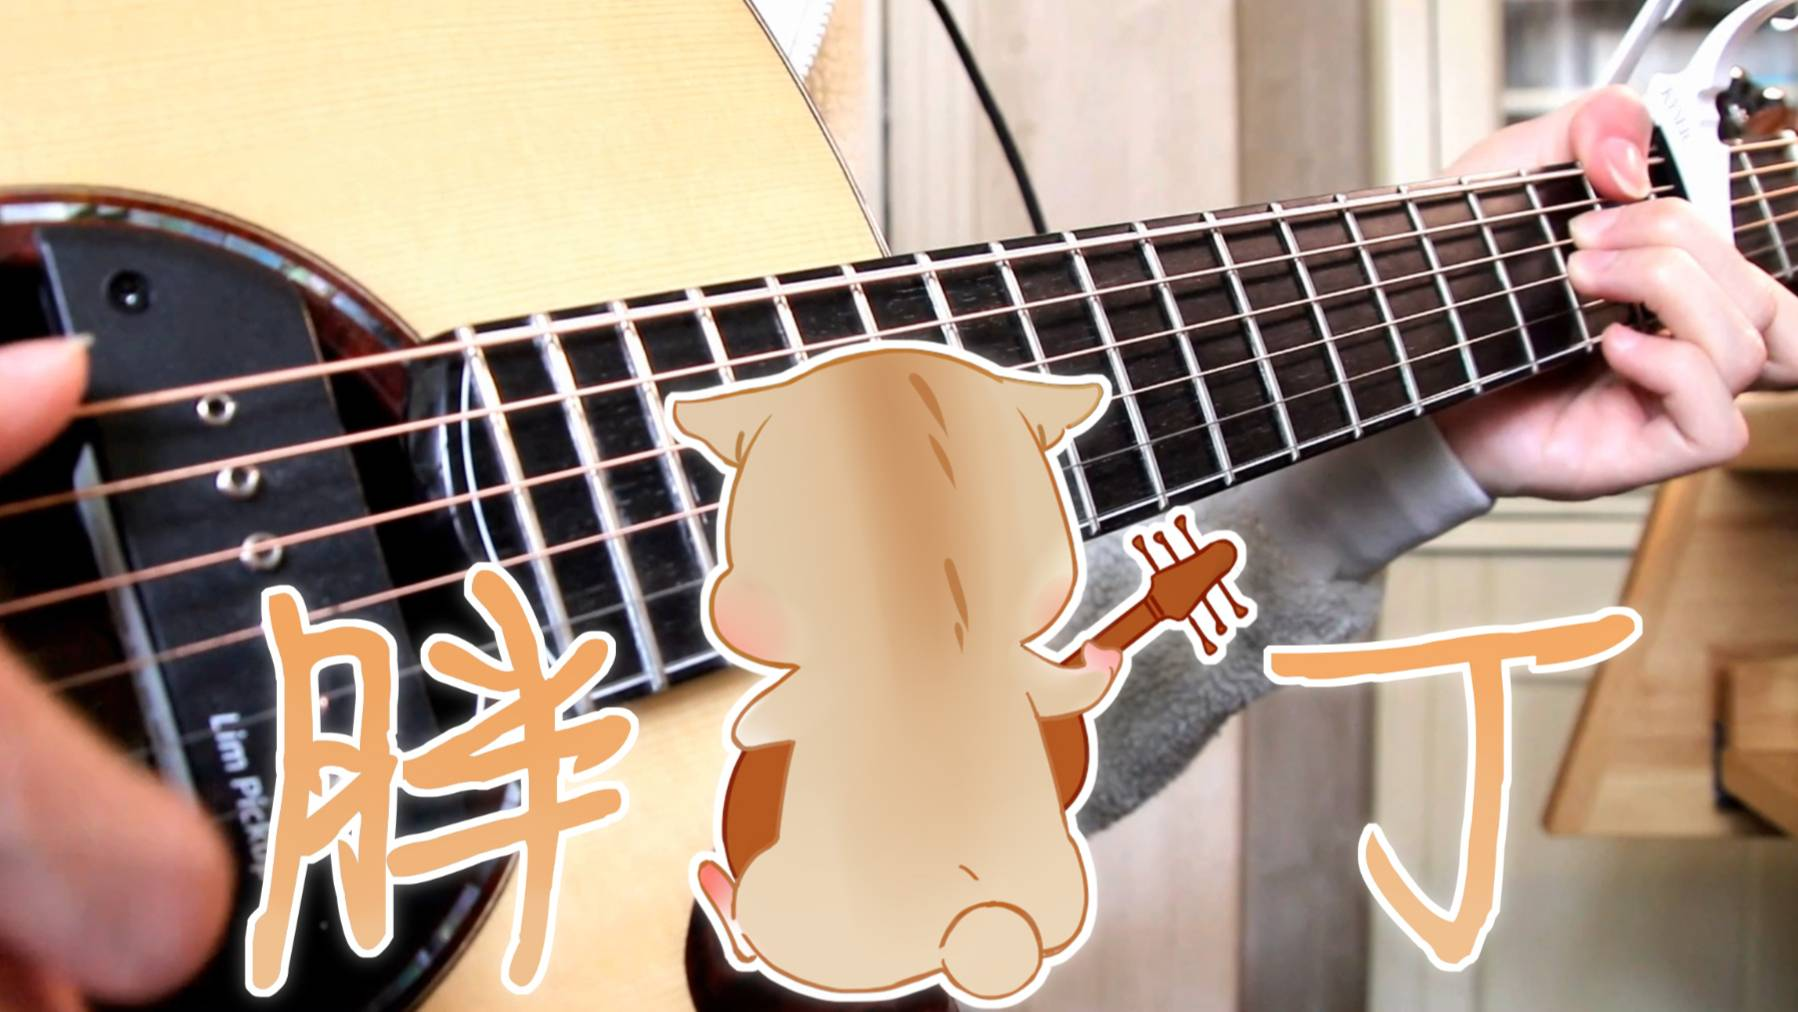 【你可听过如此惬意的吉他指弹】胖丁【原创曲】